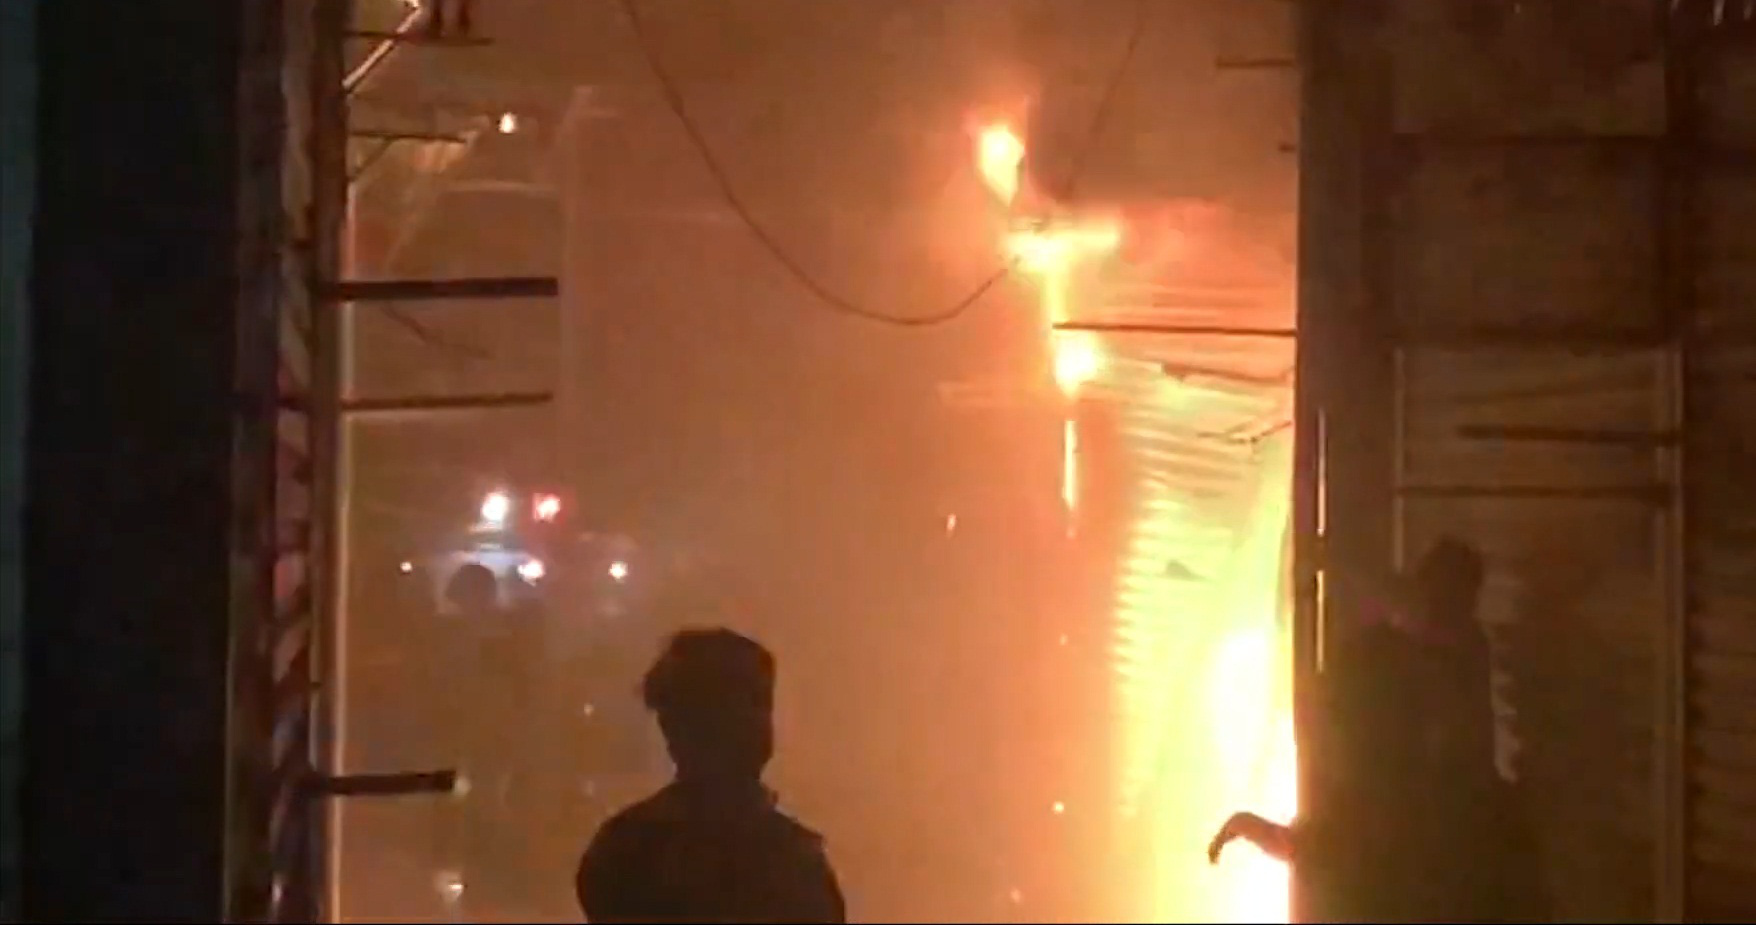 Điện Biên: Cháy lớn tại chợ Noong Bua, cả chục ki-ốt bị thiêu rụi hoàn toàn - Ảnh 3.